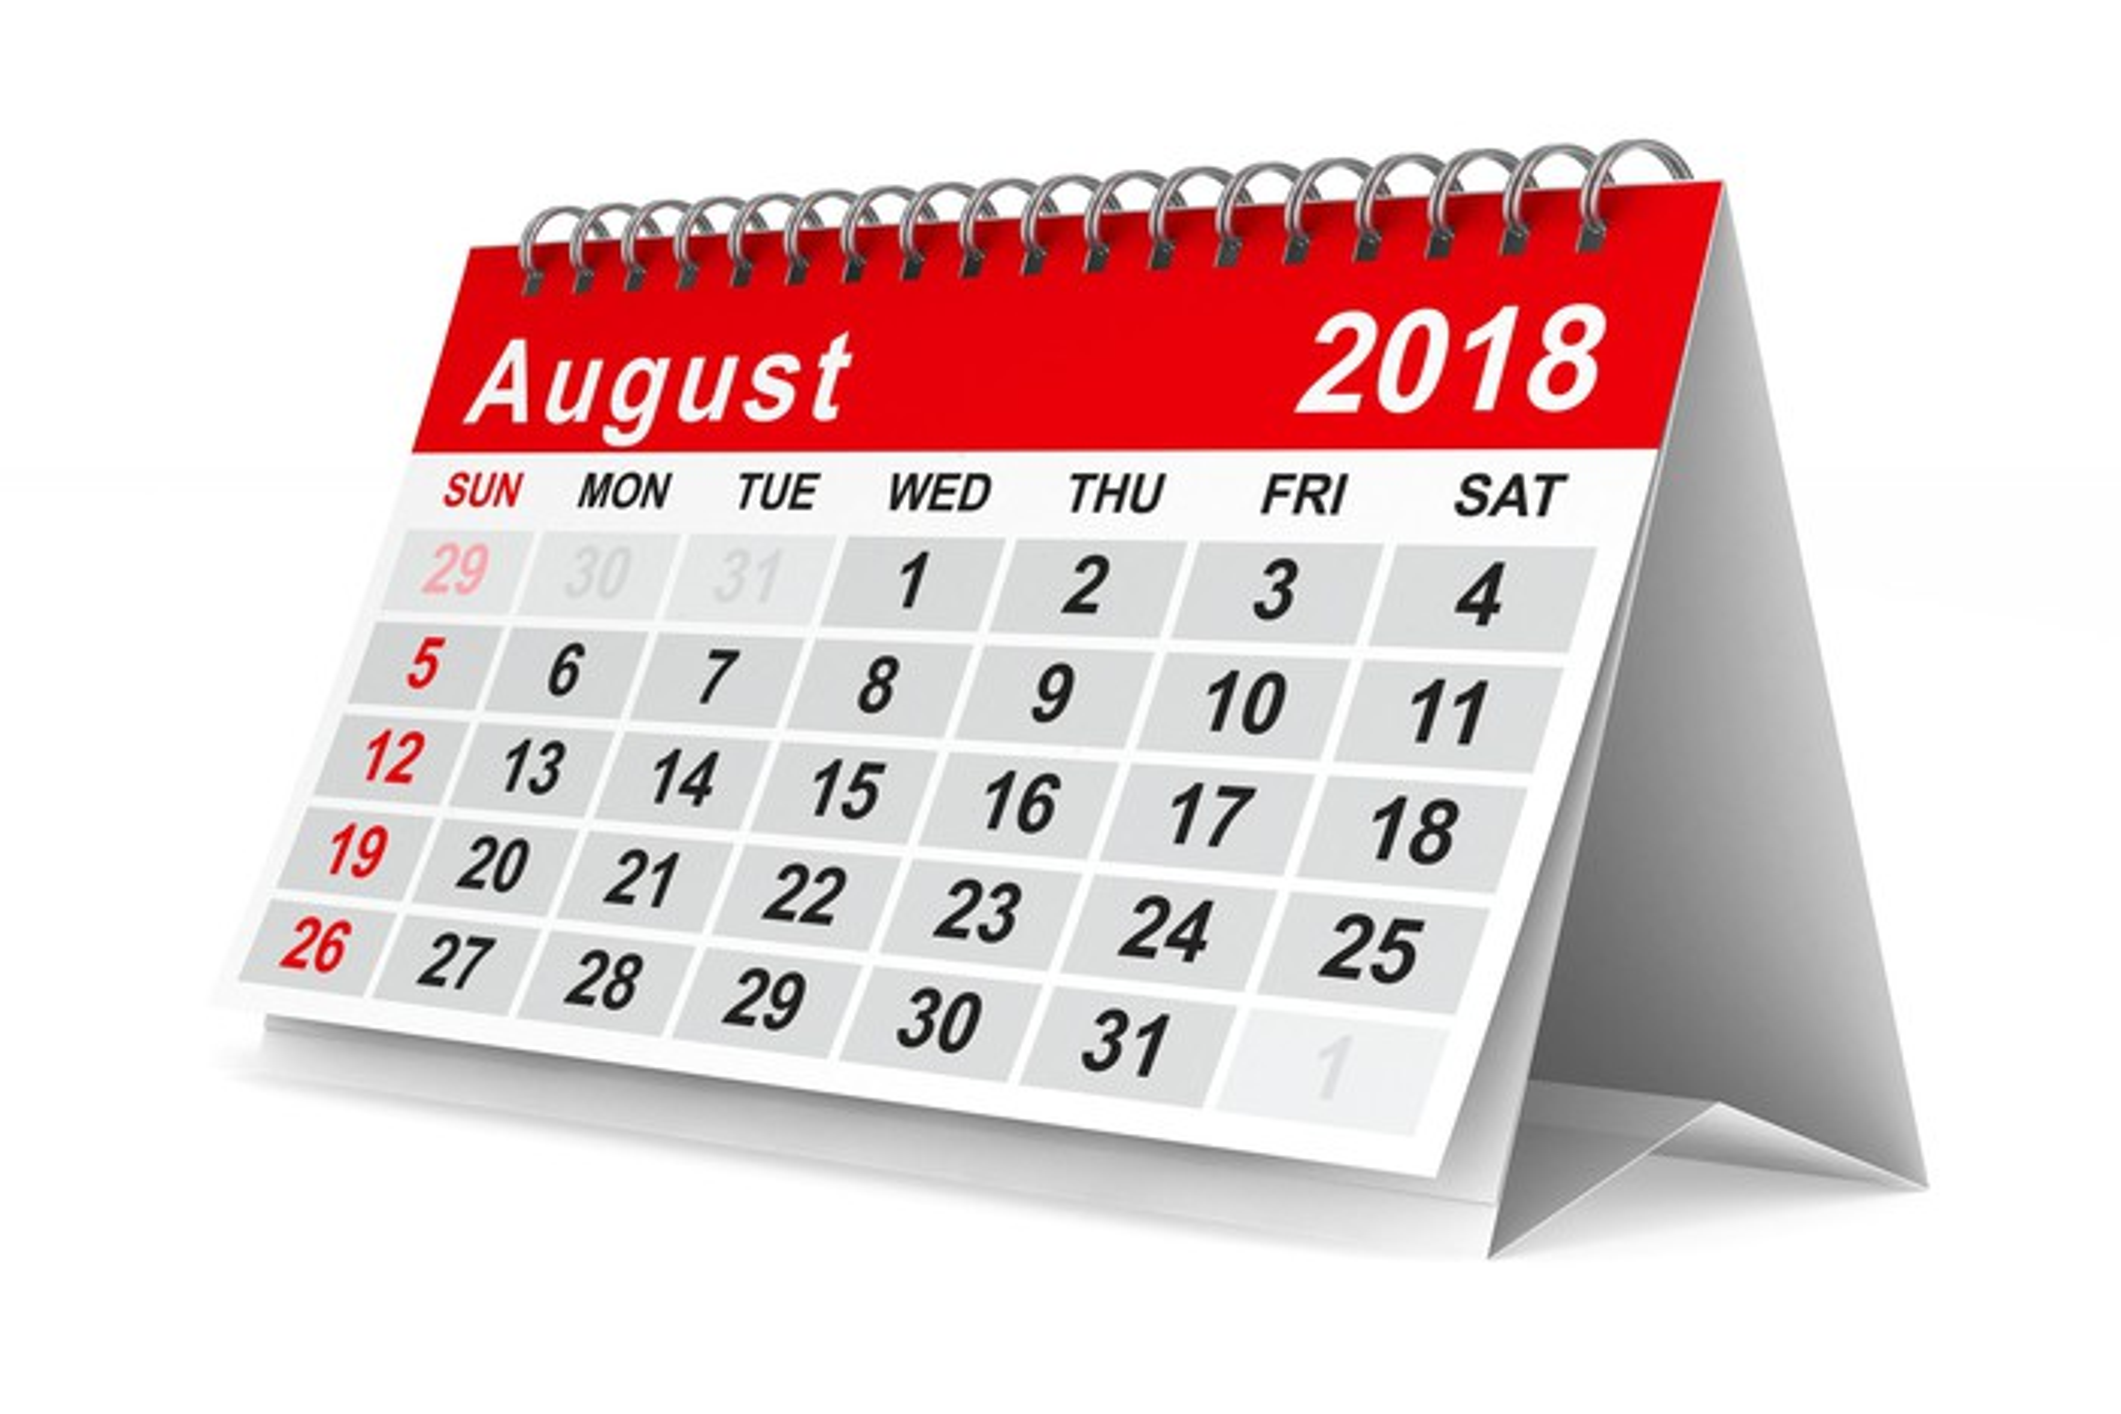 August 2018 calendar